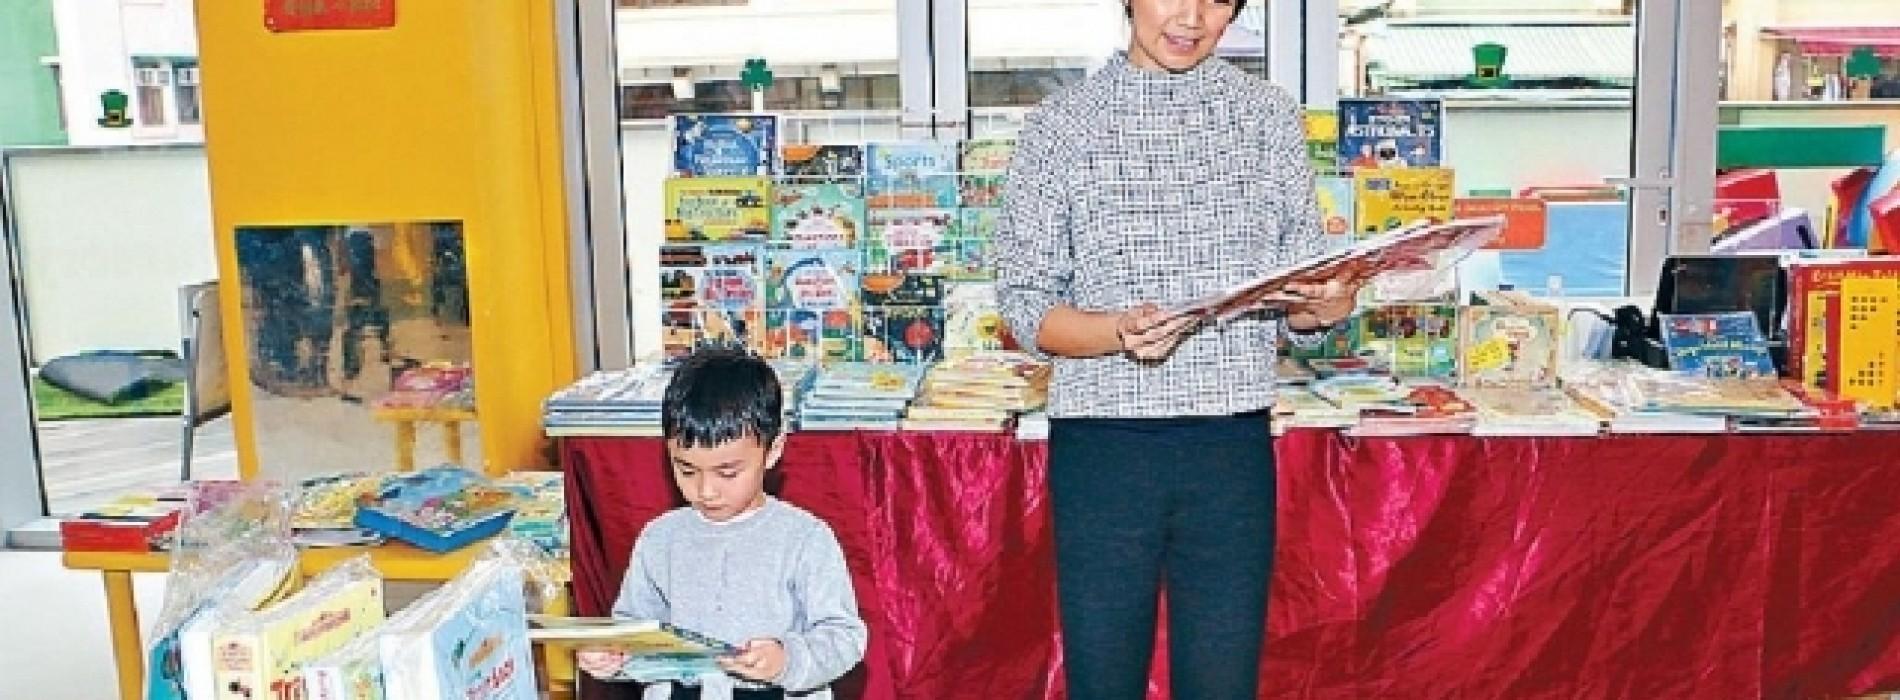 國際幼稚園受家長歡迎 楊婉儀投資千萬開辦小學